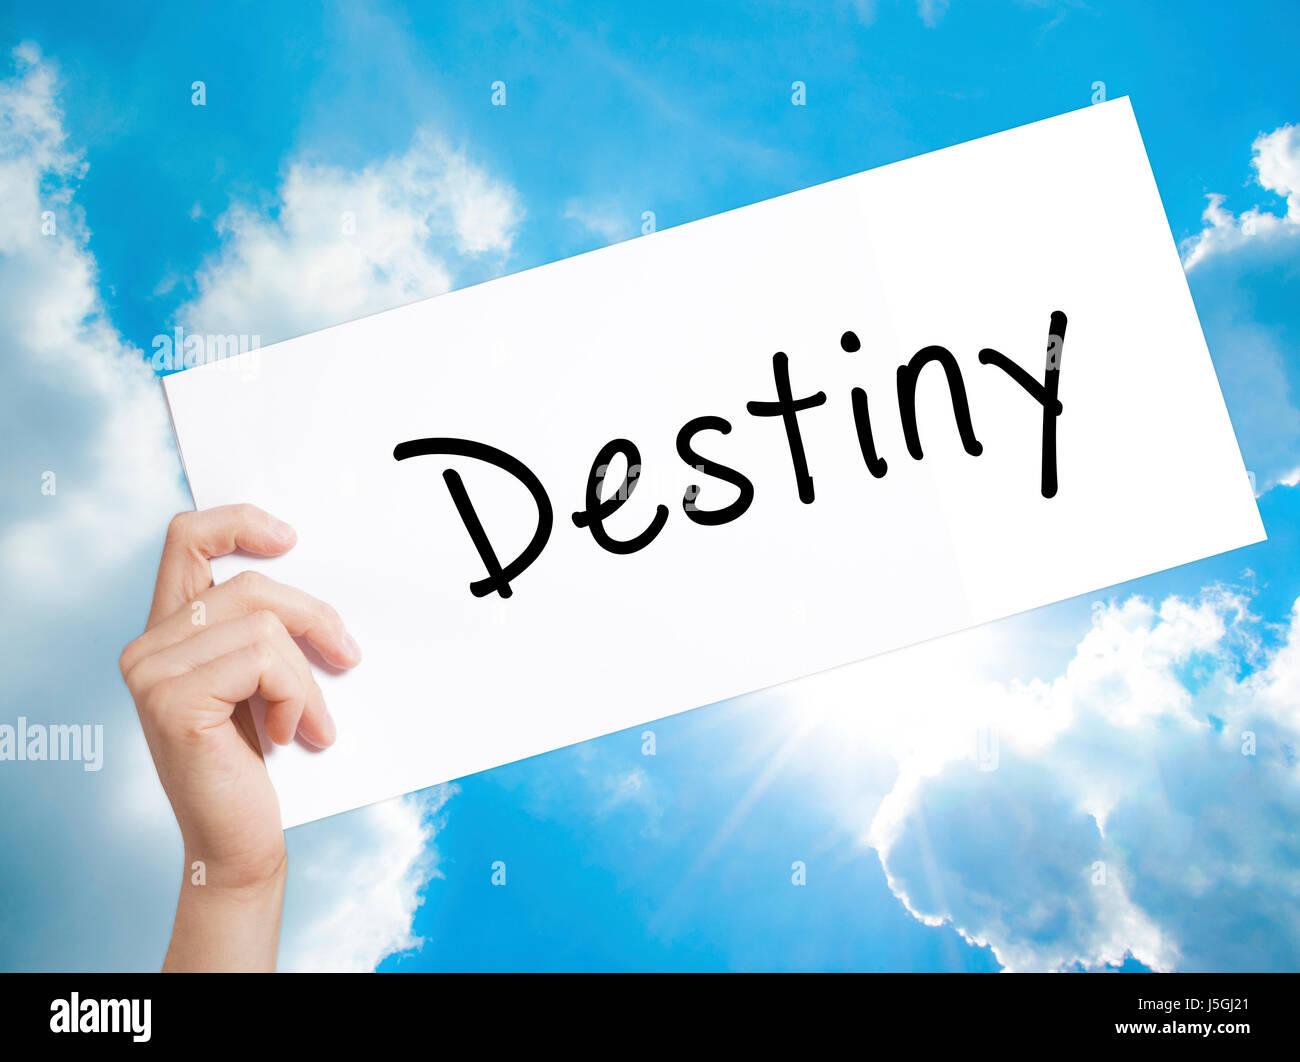 Faith Destiny Stock Photos & Faith Destiny Stock Images - Alamy